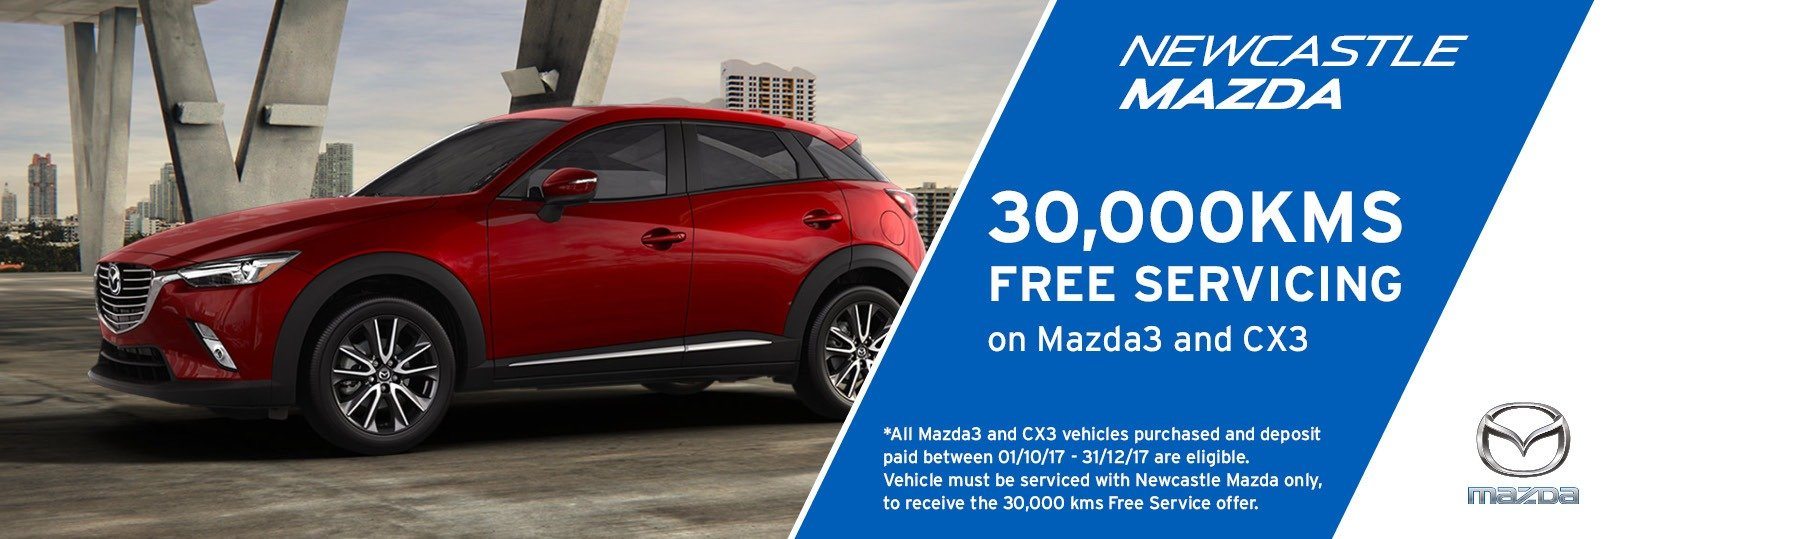 Newcastle Mazda - SERVICE OFFER